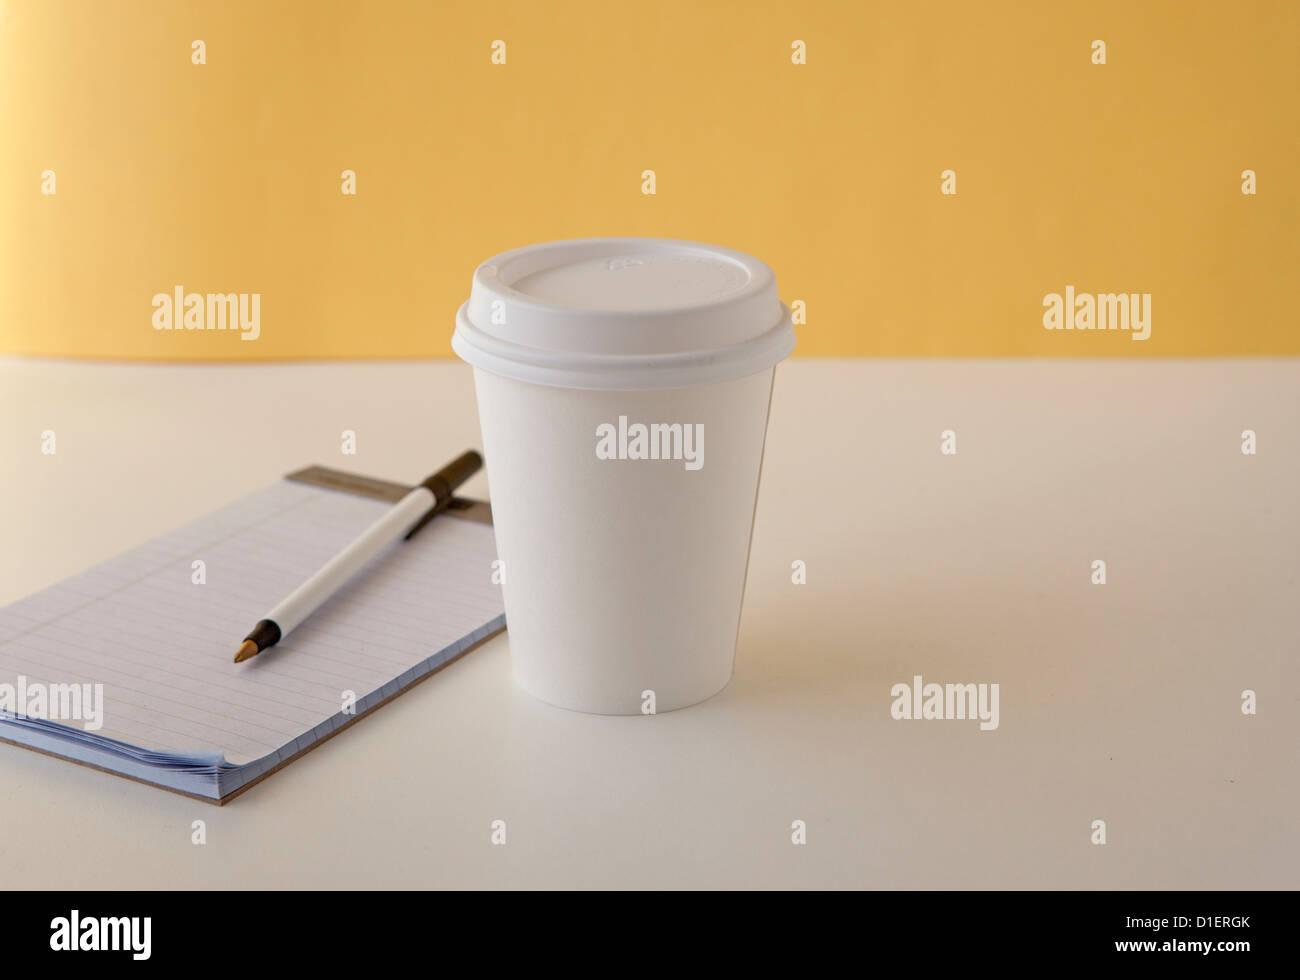 Tasse de café ou de thé est assis sur table ou bureau Photo Stock